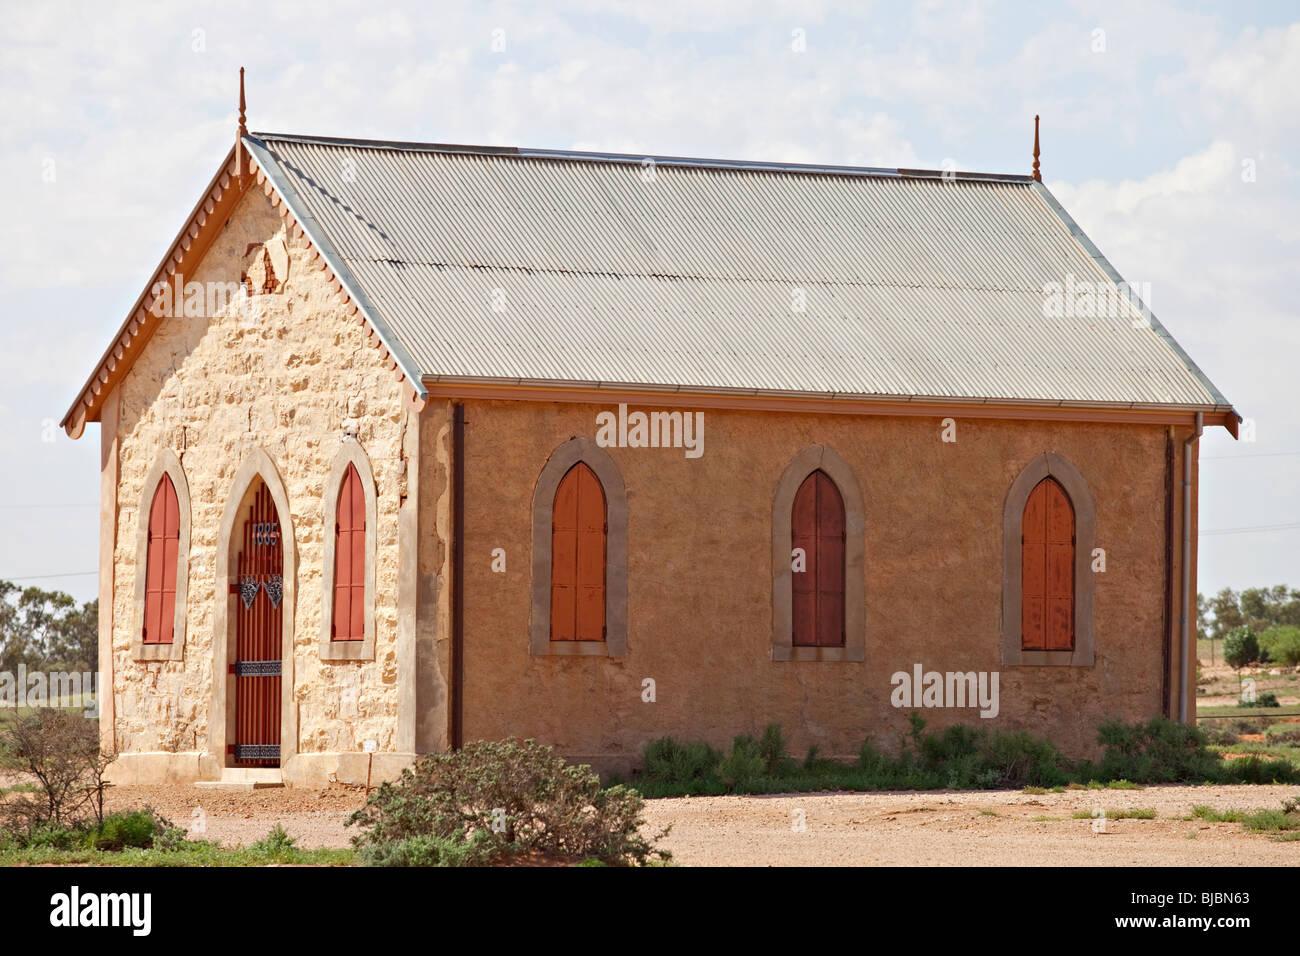 Chiesa Metodista, Silverton vicino a Broken Hill, Outback Australia NSW Foto Stock